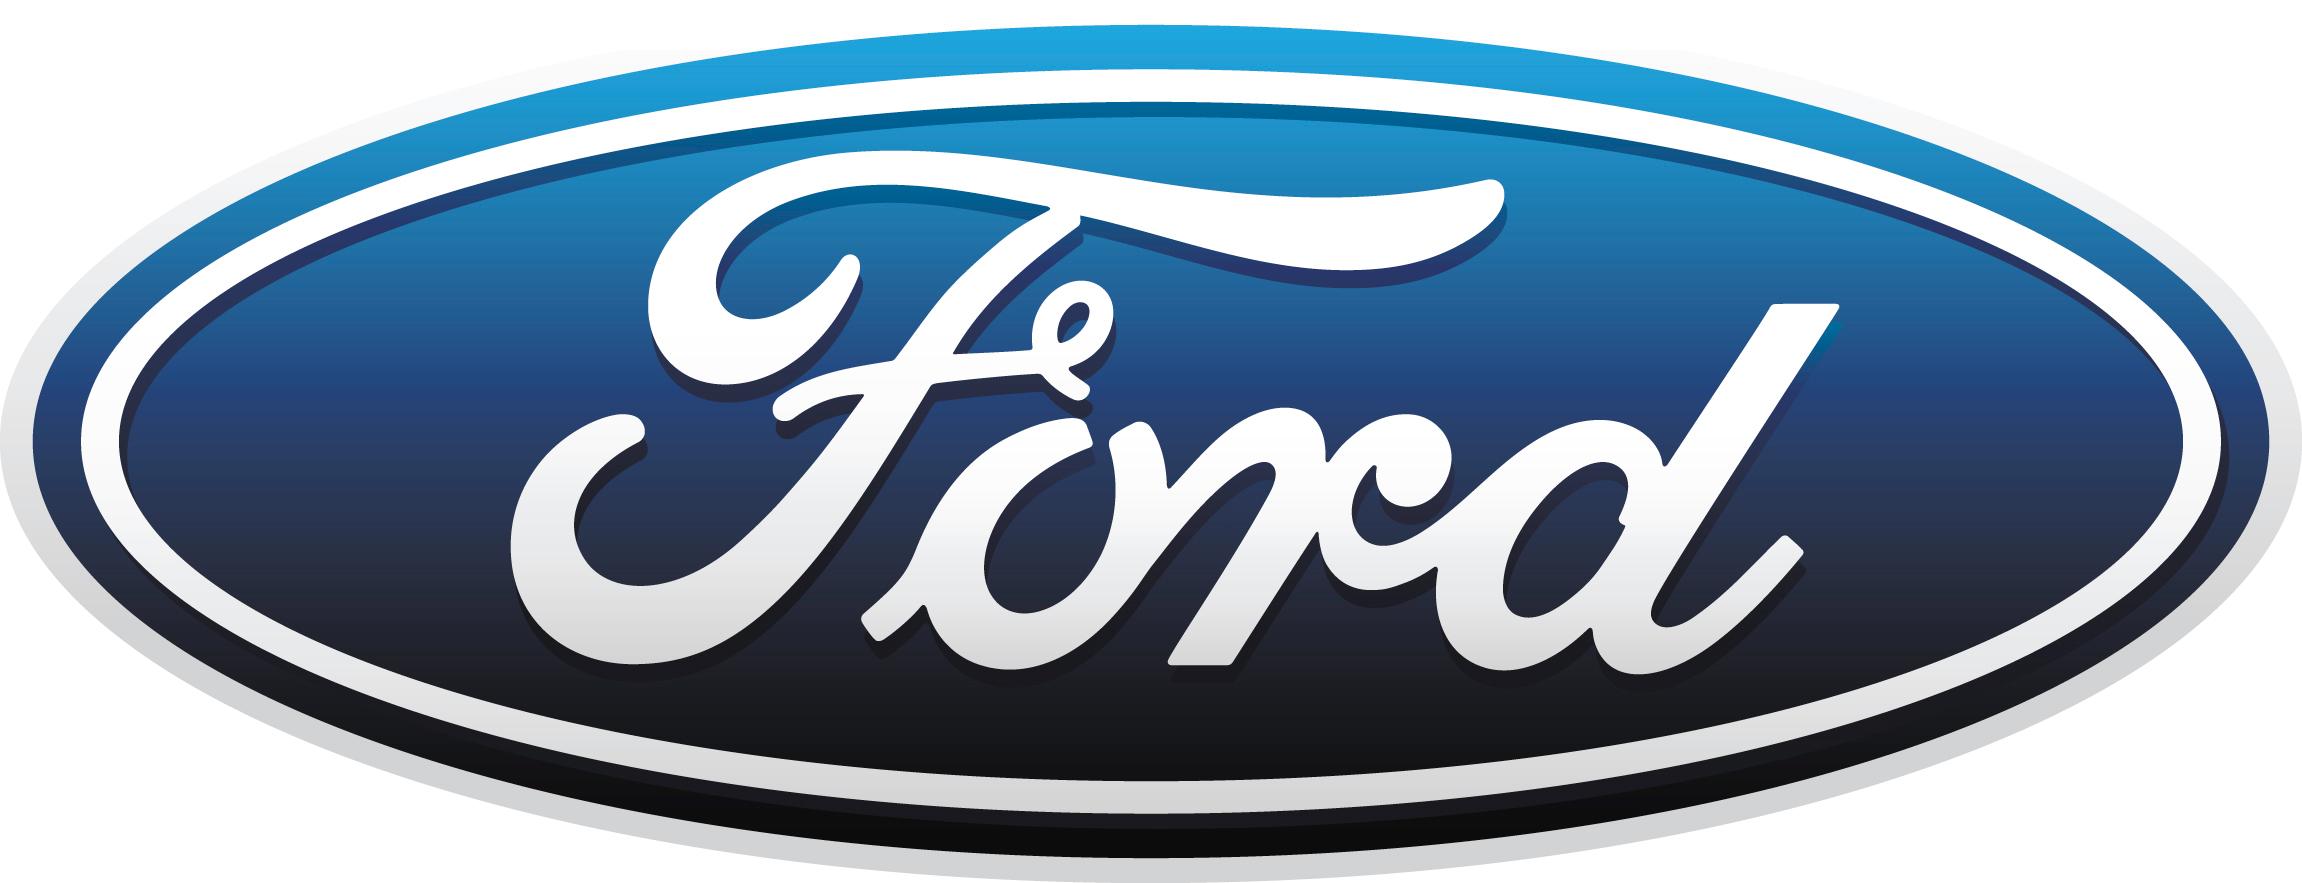 car_logo_PNG1666[1]